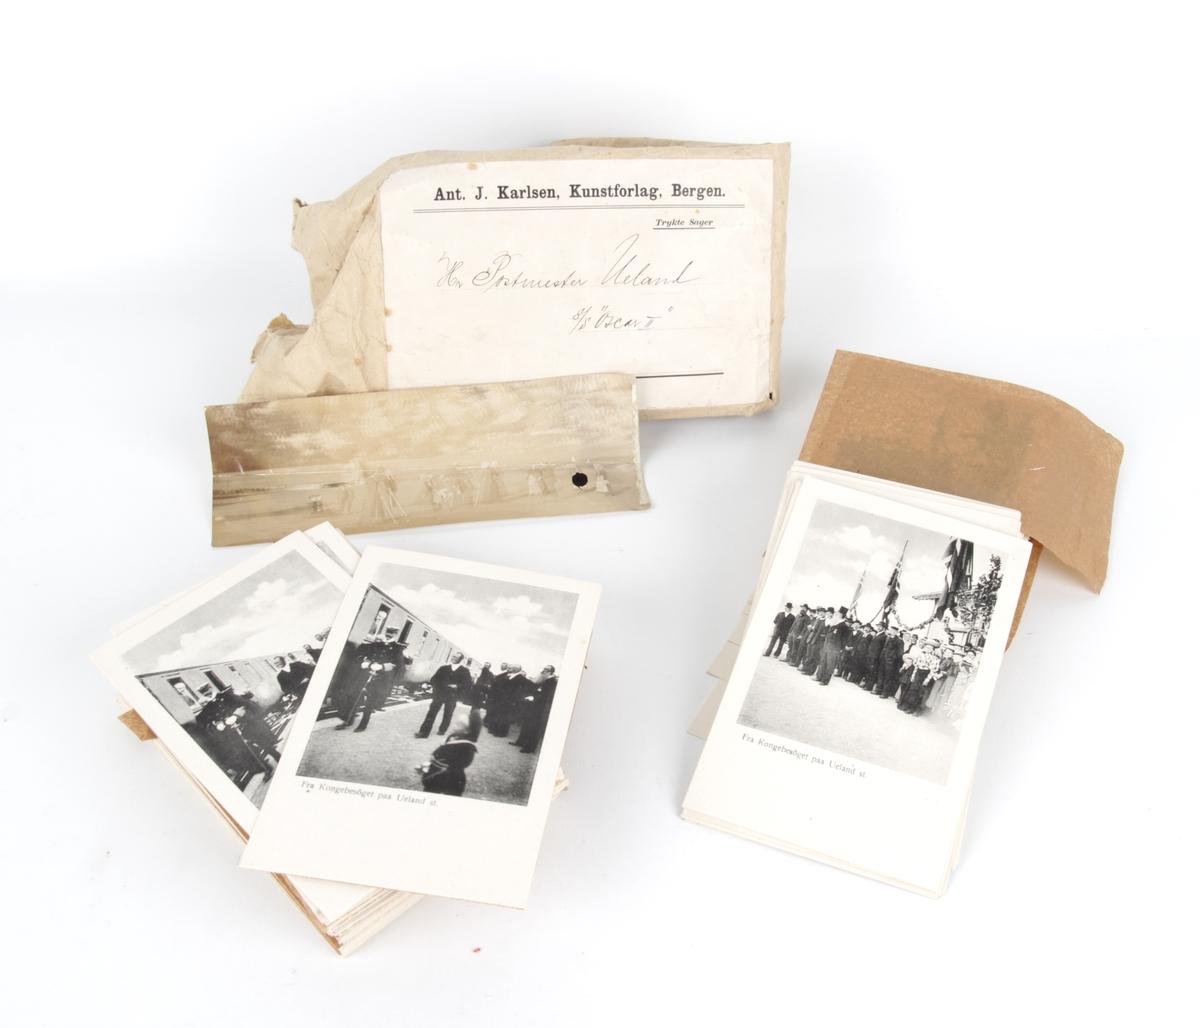 En pakke med flere postkort og et fotografi.